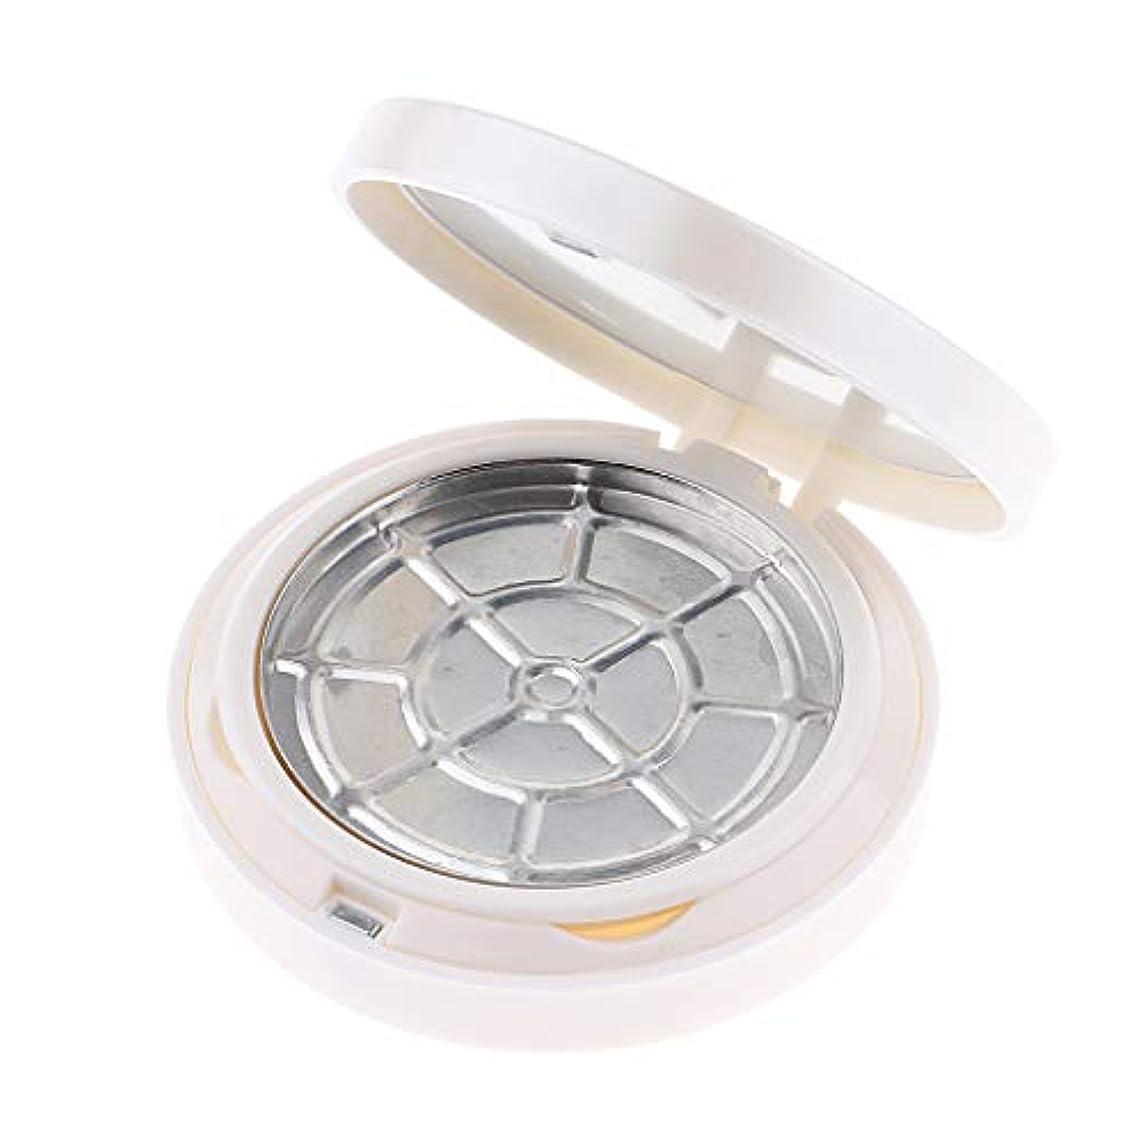 高齢者表面ジョセフバンクスパウダーケース アルミ皿 空箱 化粧品容器 2色選べ - 白